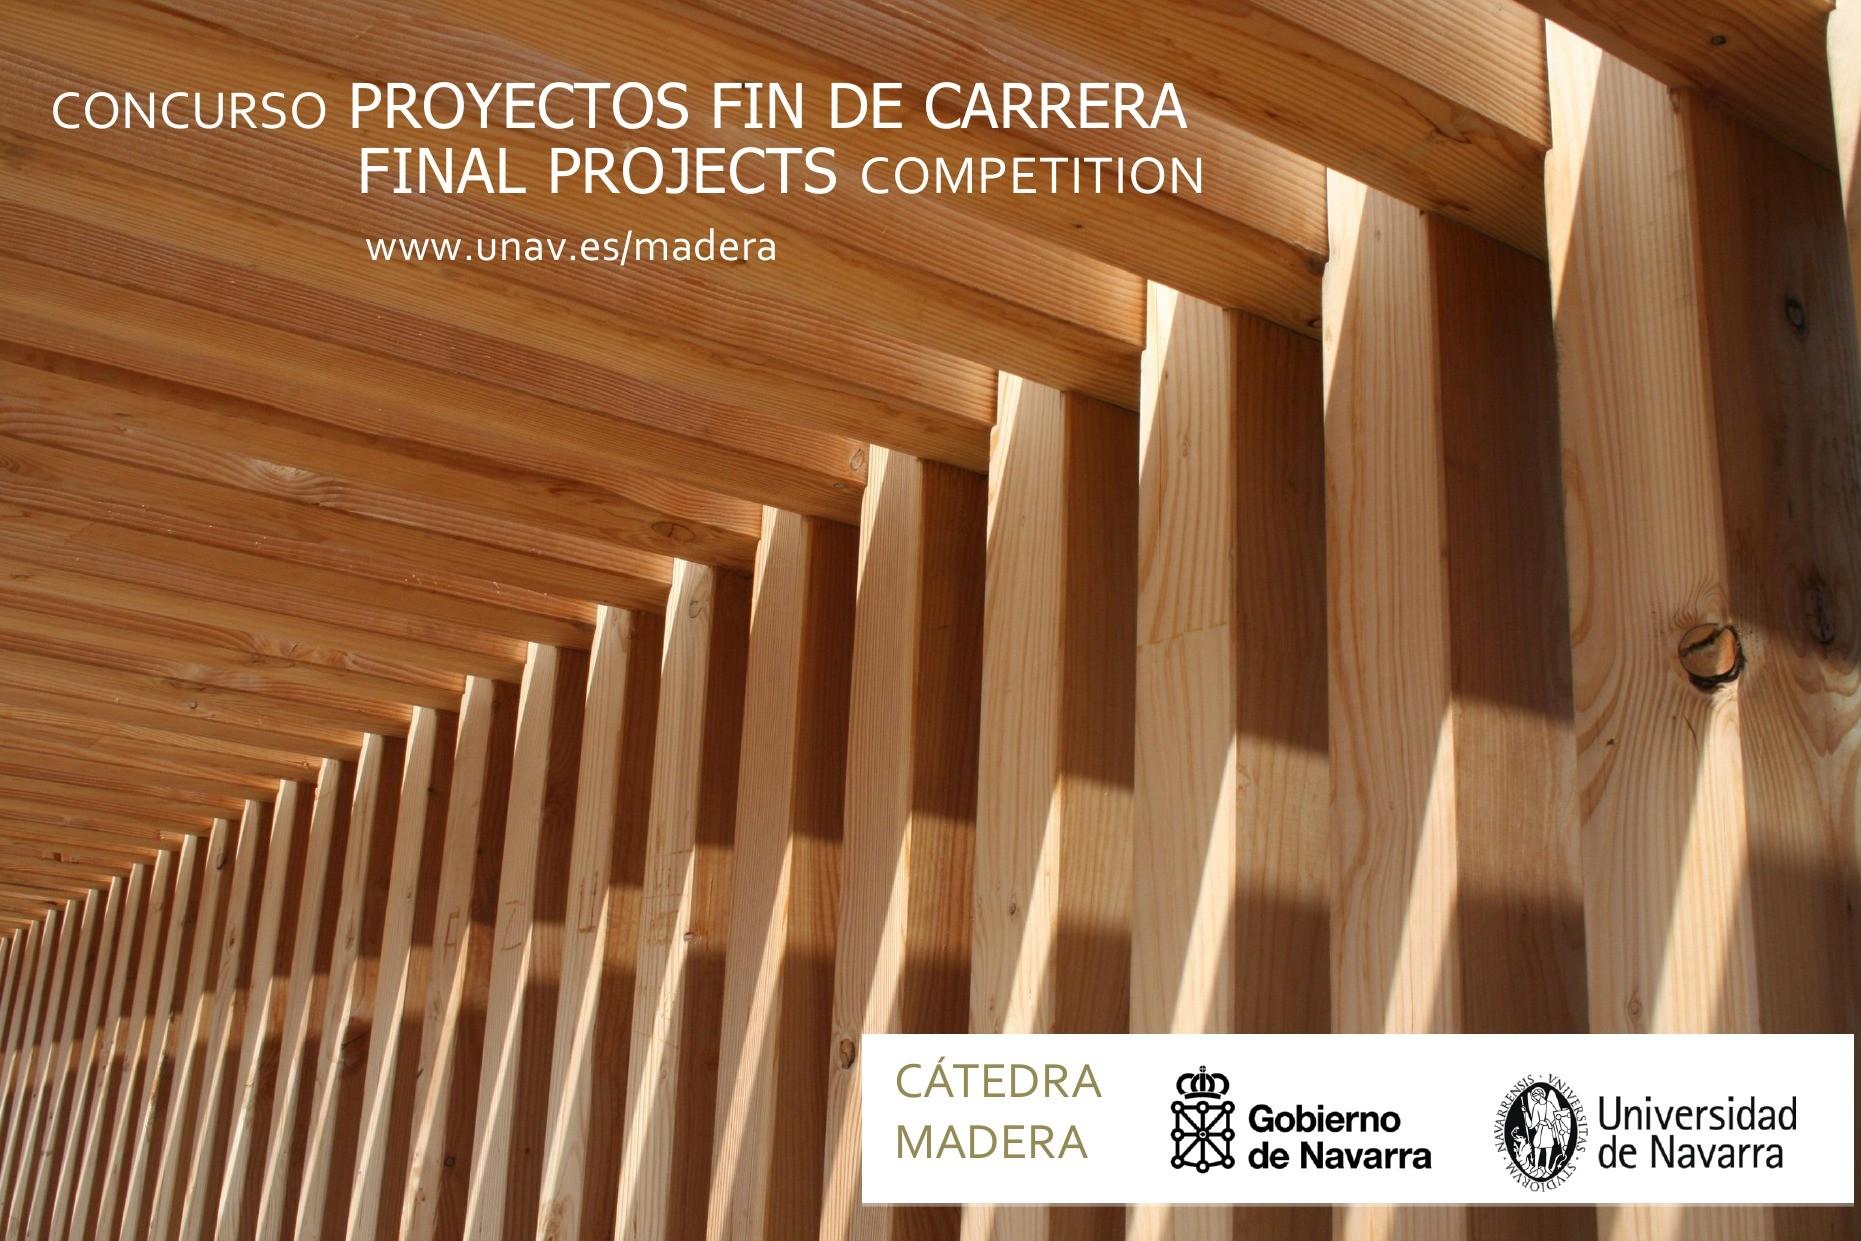 II Concurso de Proyectos Fin de Carrera 2015 / Universidad de Navarra